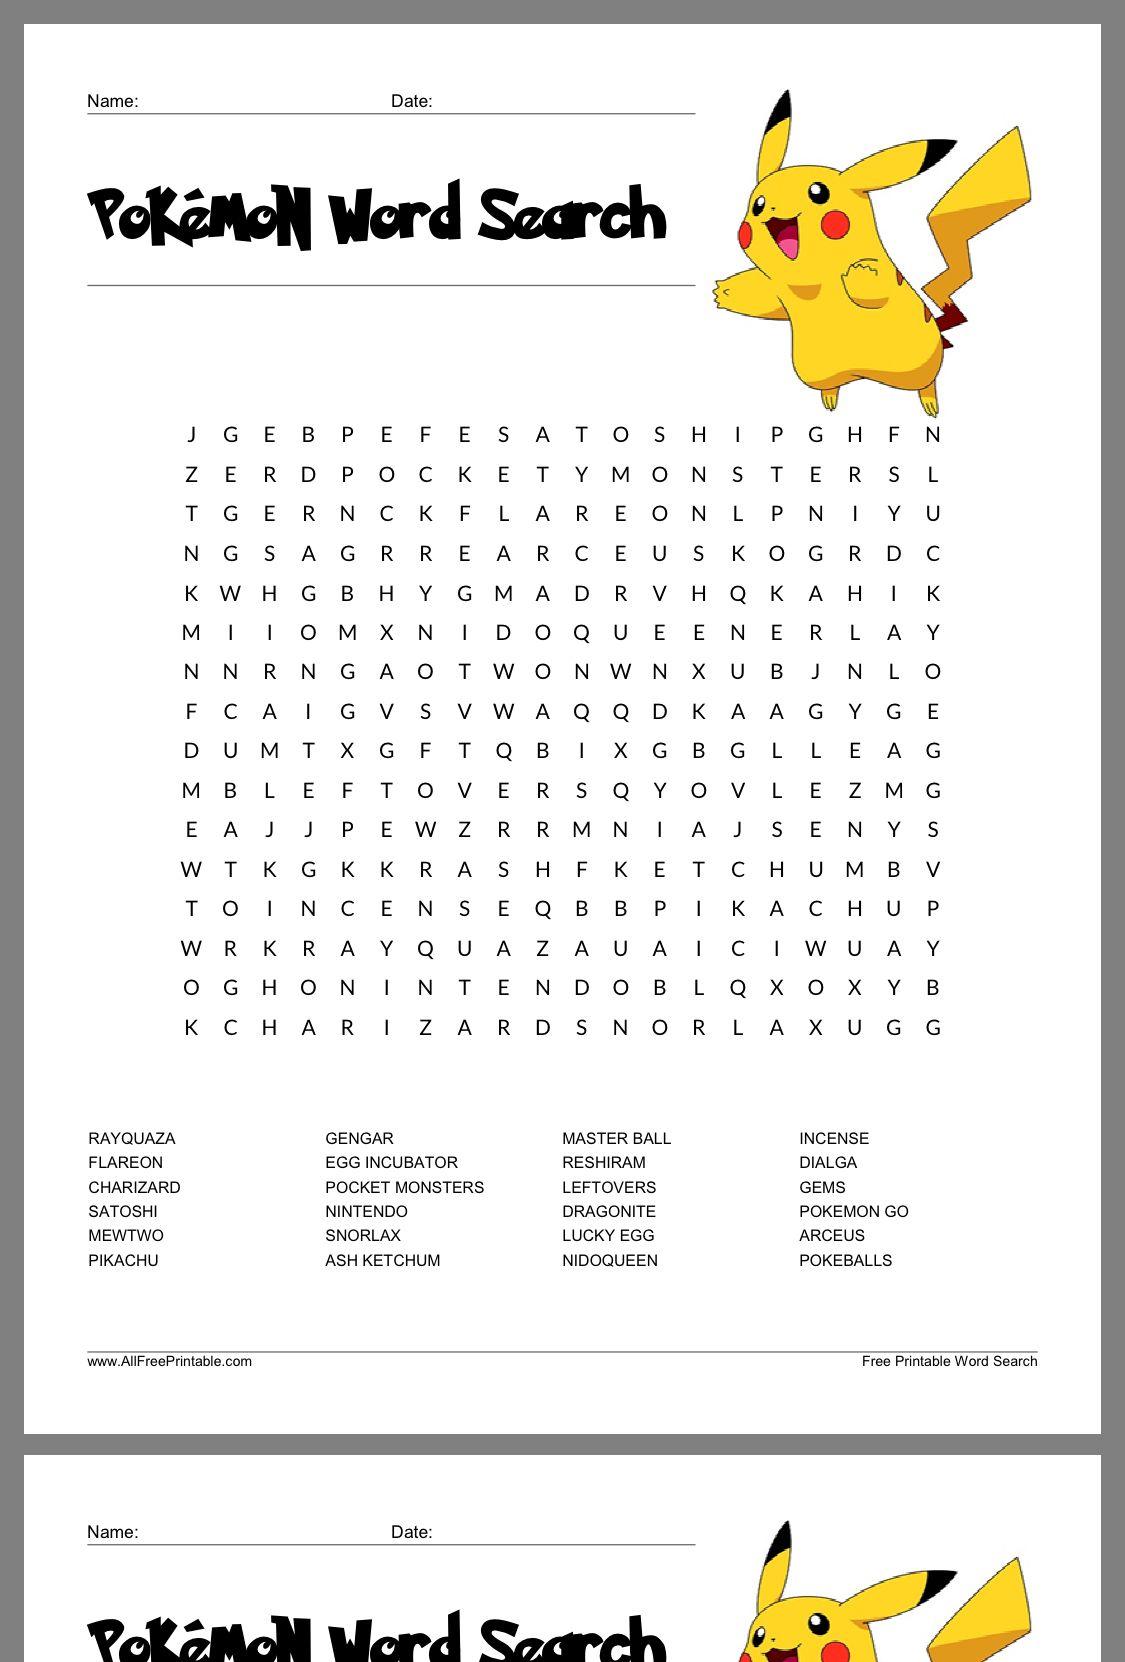 Pin By Anita Morgan On Pokemon Childrens Word Search Pikachu Coloring Page Pokemon Coloring [ 1662 x 1125 Pixel ]